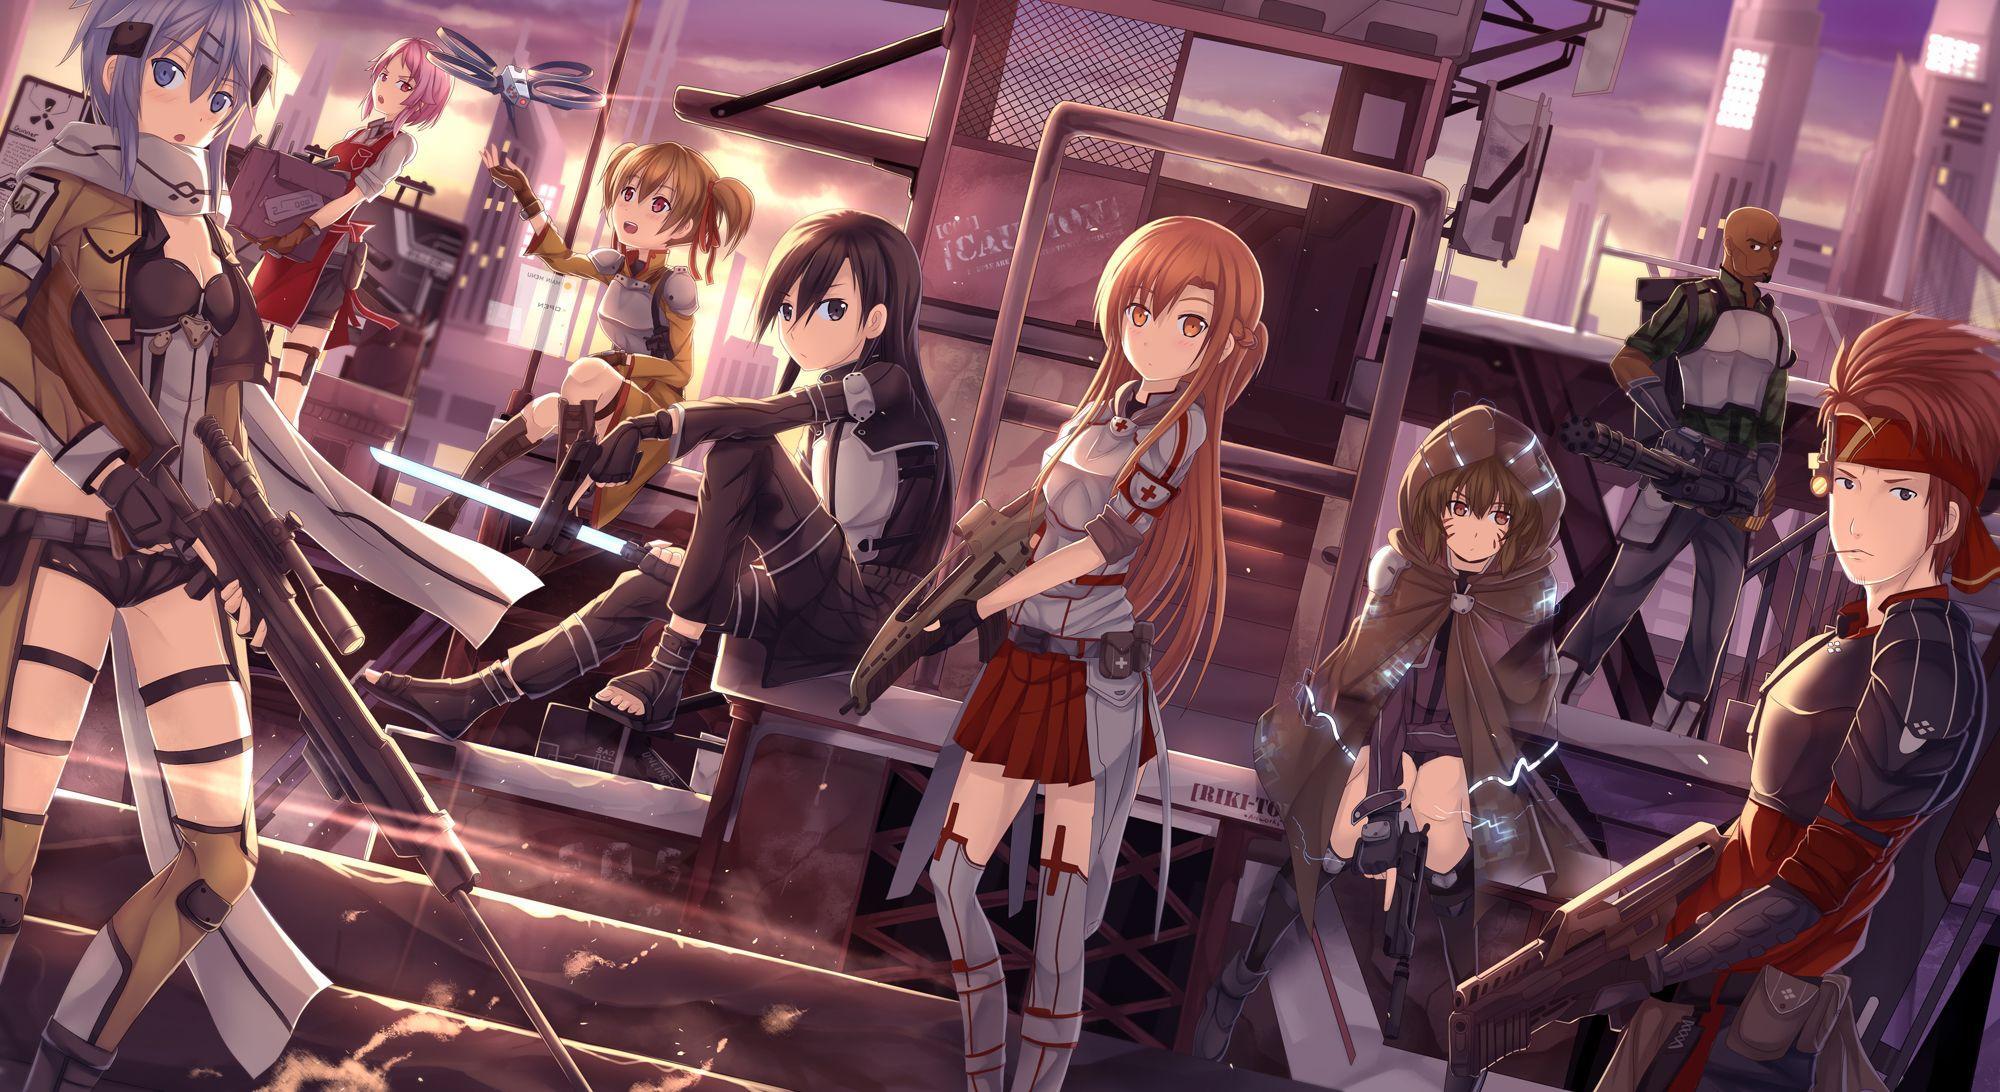 Sword Art Online 2 Wallpapers Top Free Sword Art Online 2 Backgrounds Wallpaperaccess